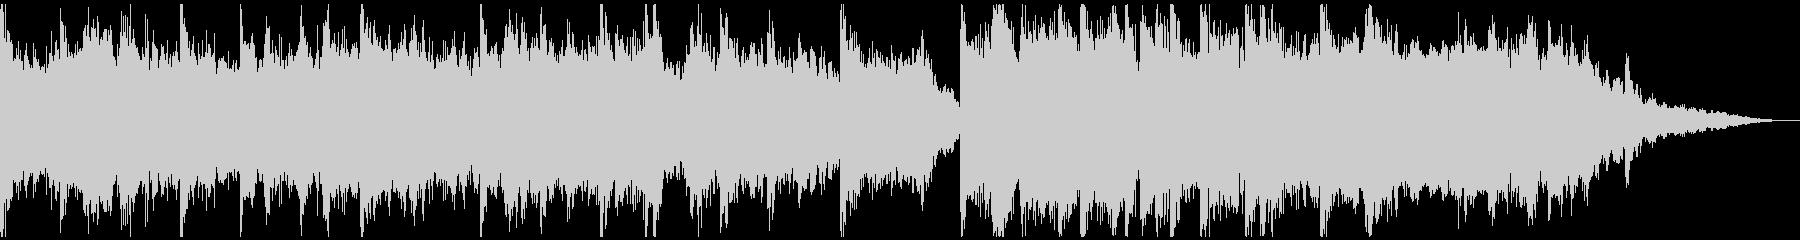 30秒 オーケストレーションpopの未再生の波形